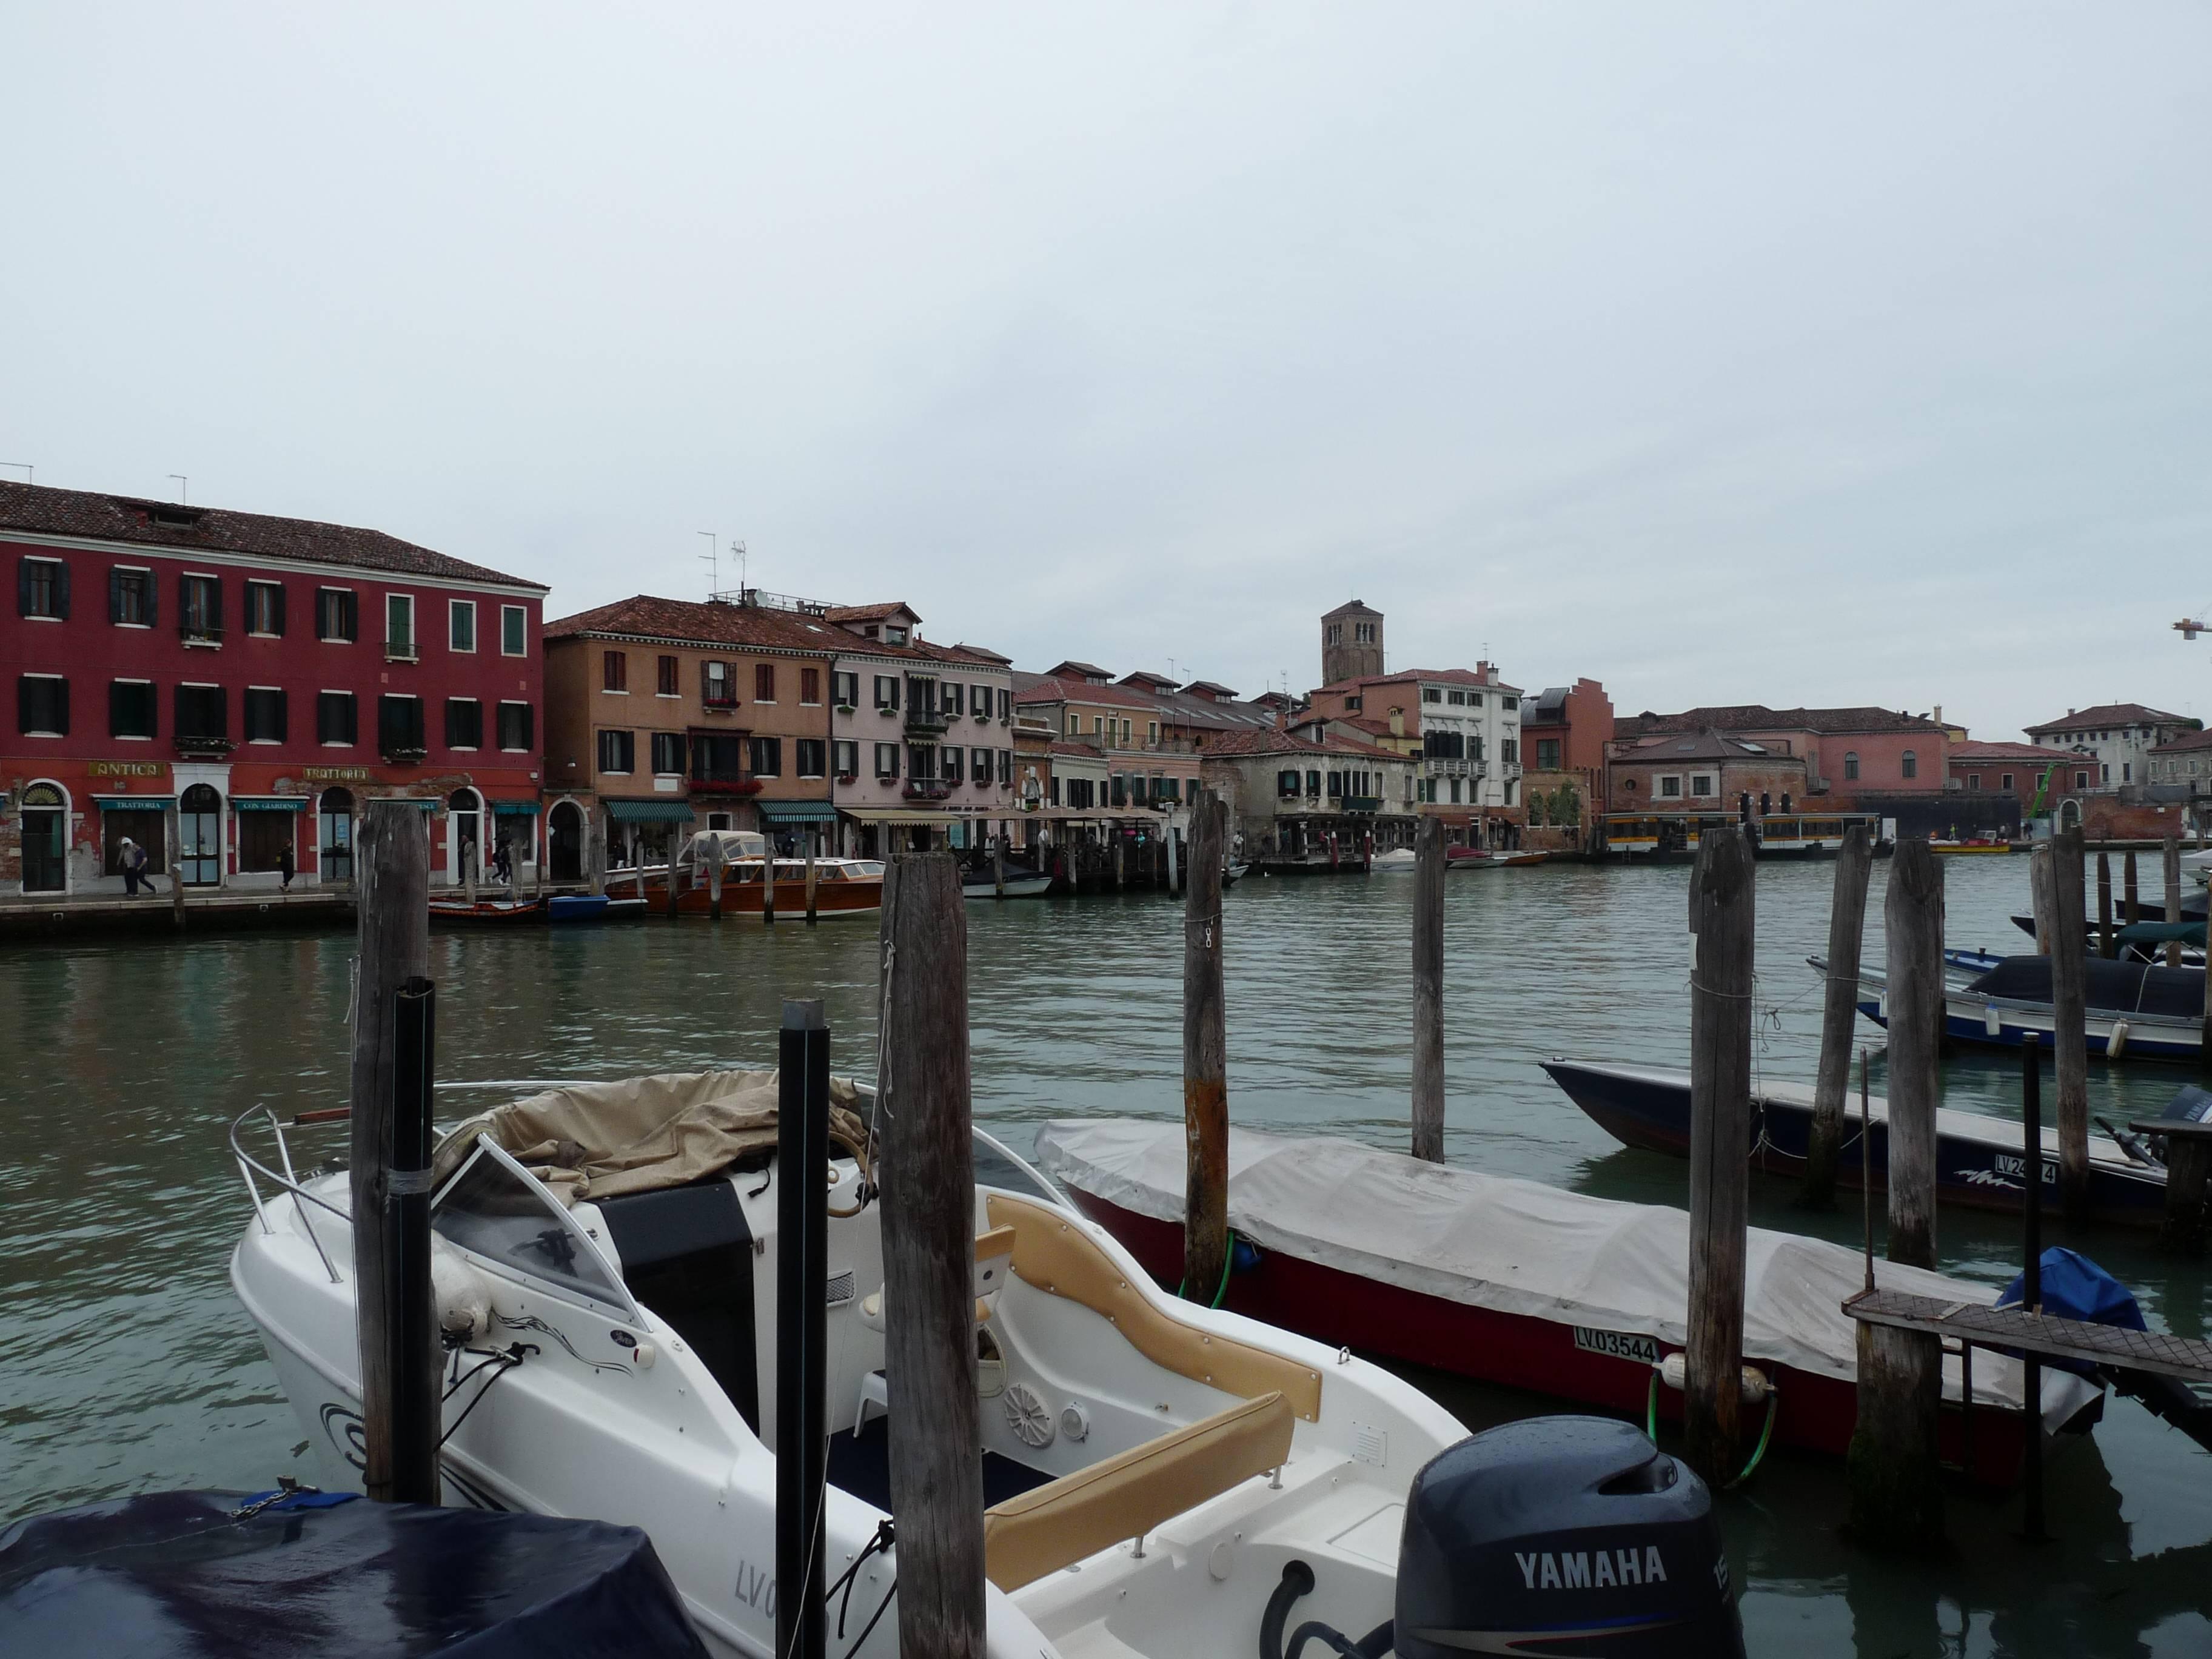 Photo 1: Ile de Murano, petite escapade sympa à 15 minutes de Venise en Bateau